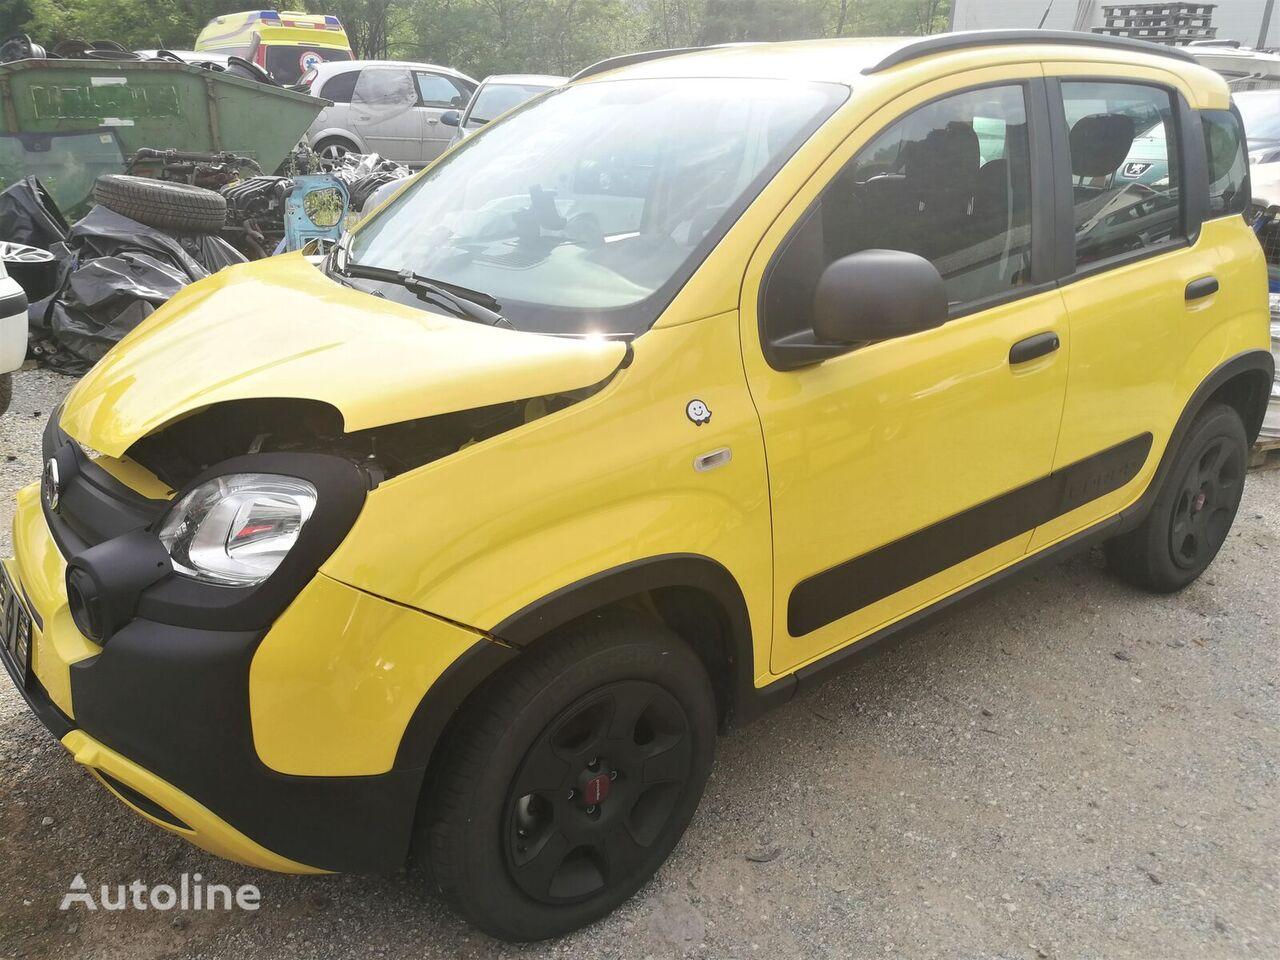 hatchback FIAT 1.2 CROSS  -  DAMAGED acidentados